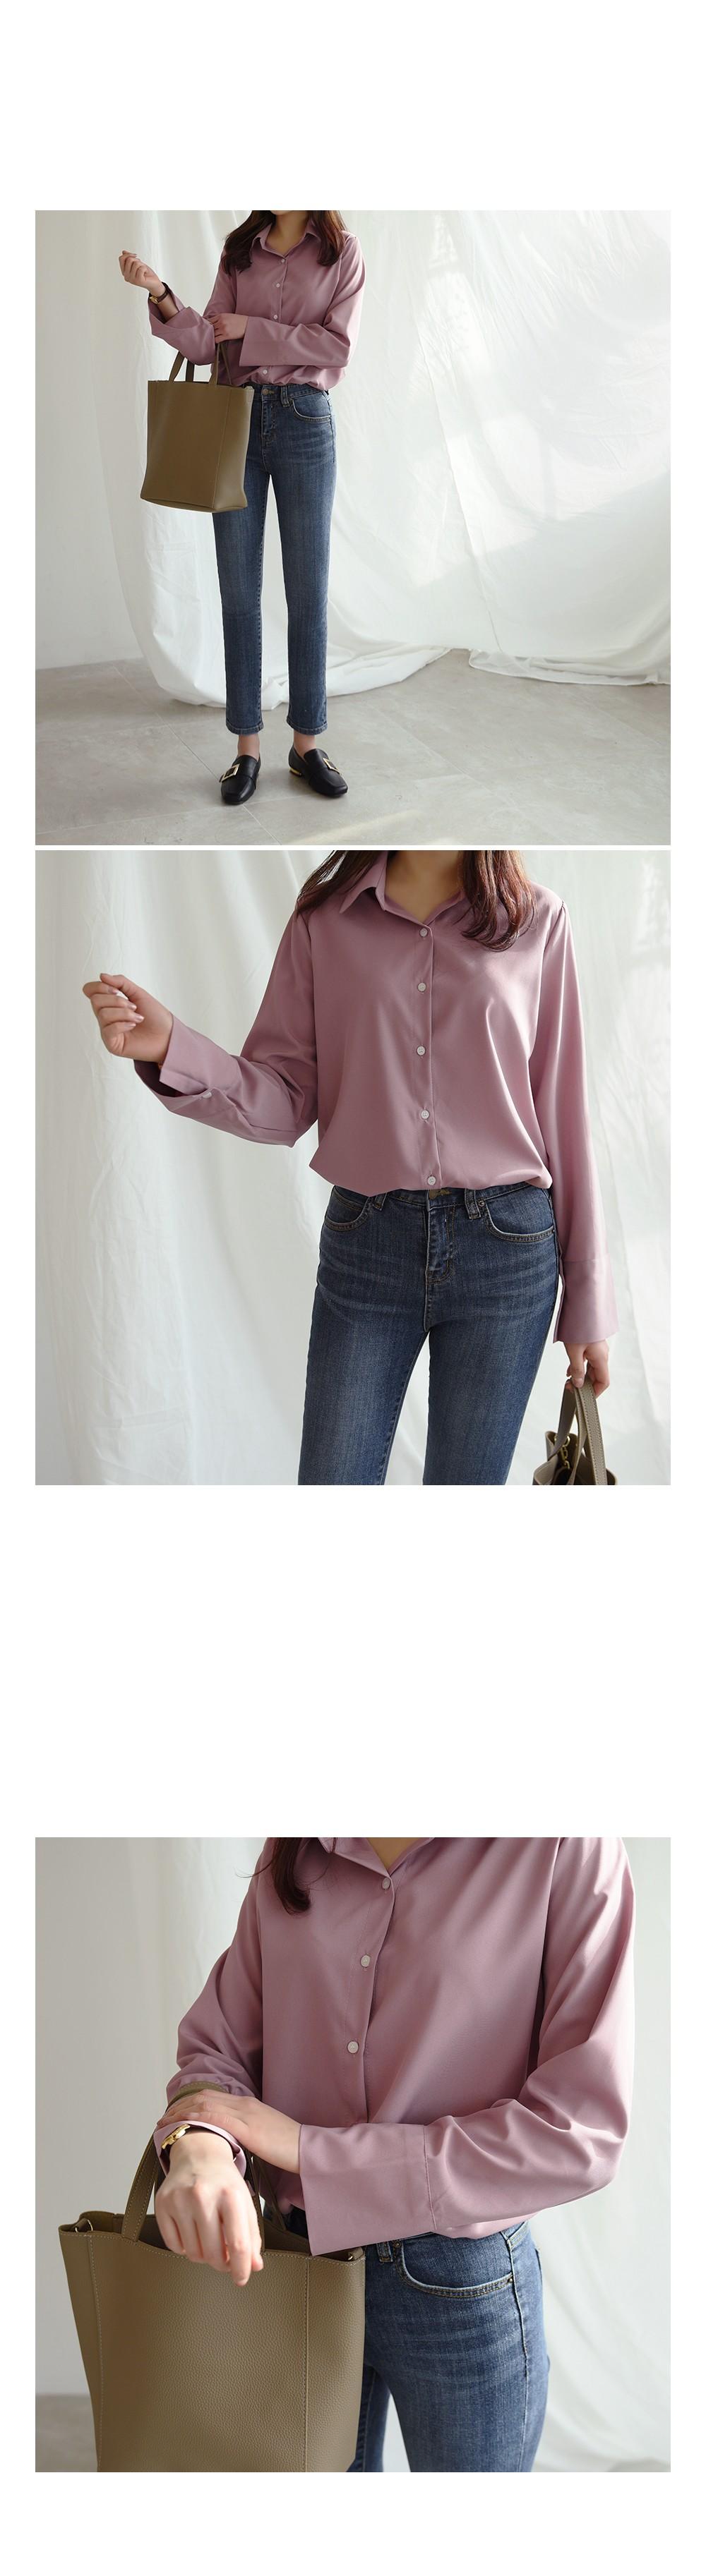 Lily ribbon blouse